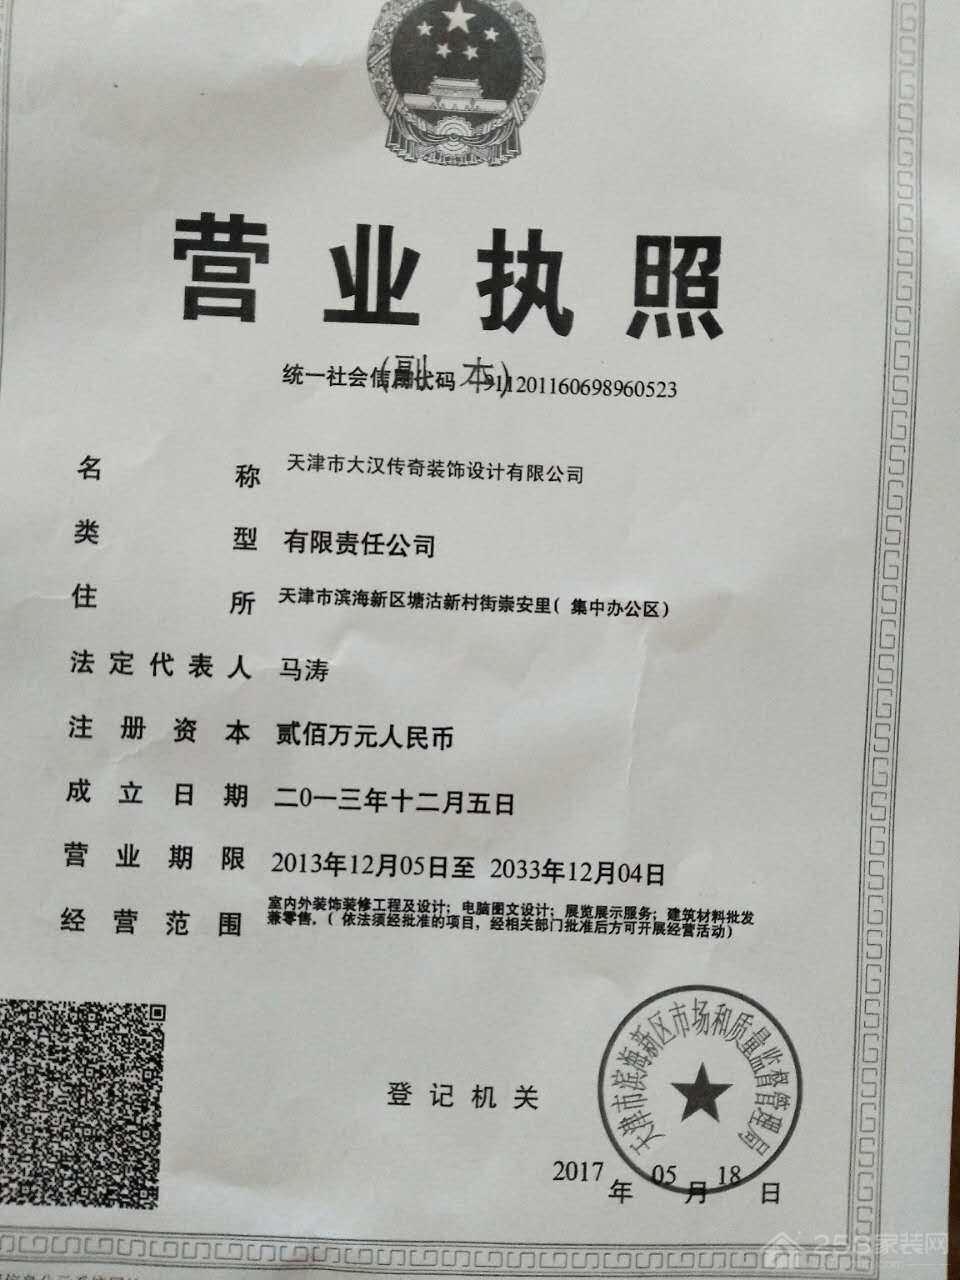 天津大汉传奇装饰工程有限公司